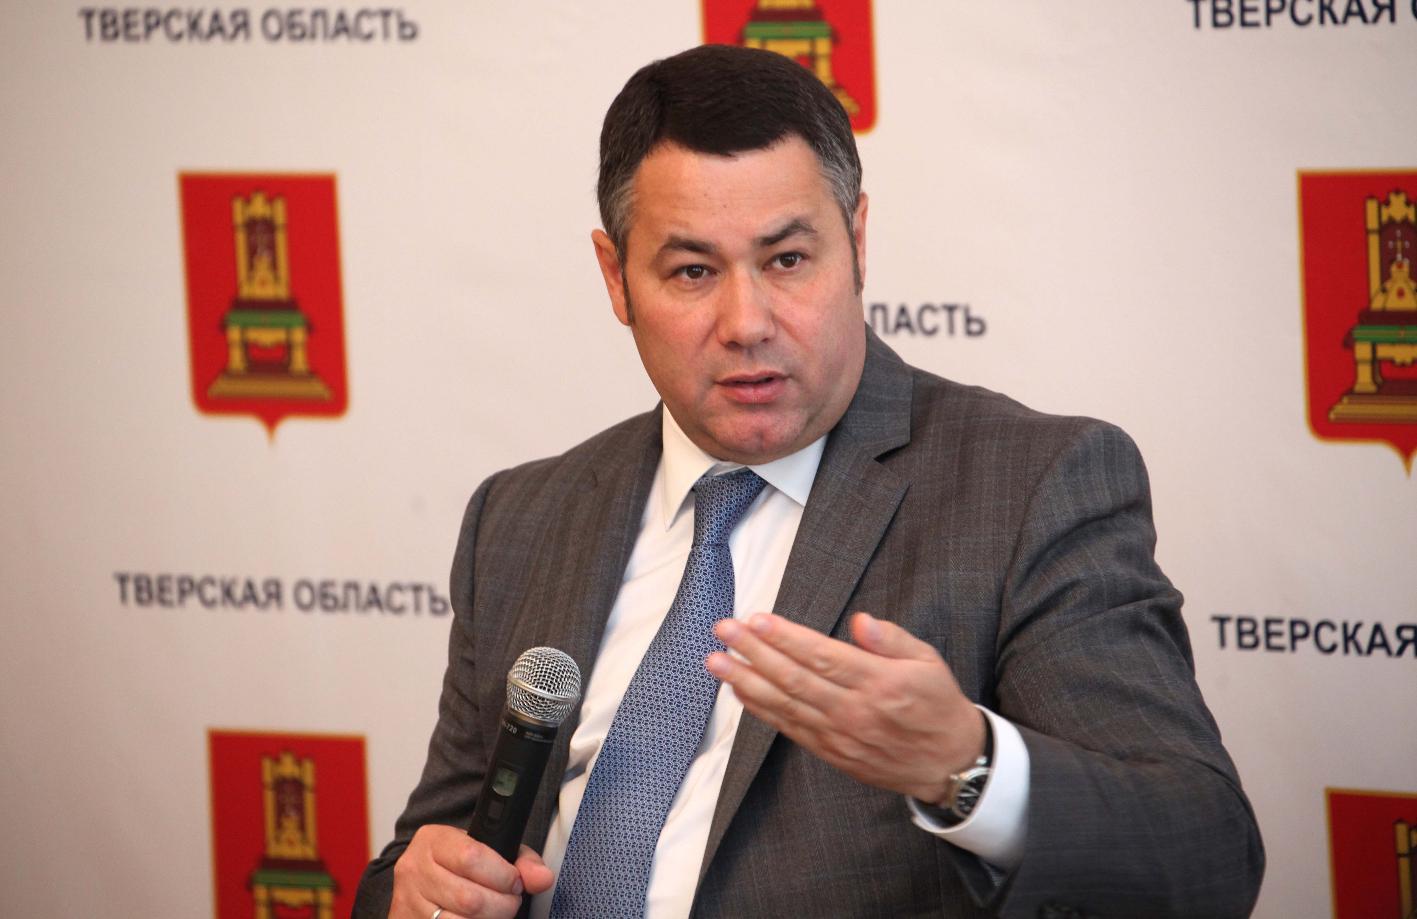 Заявление Игоря Рудени о сроках завершения реформы скорой помощи вошло в рейтинг «Губернаторская повестка» - новости Афанасий